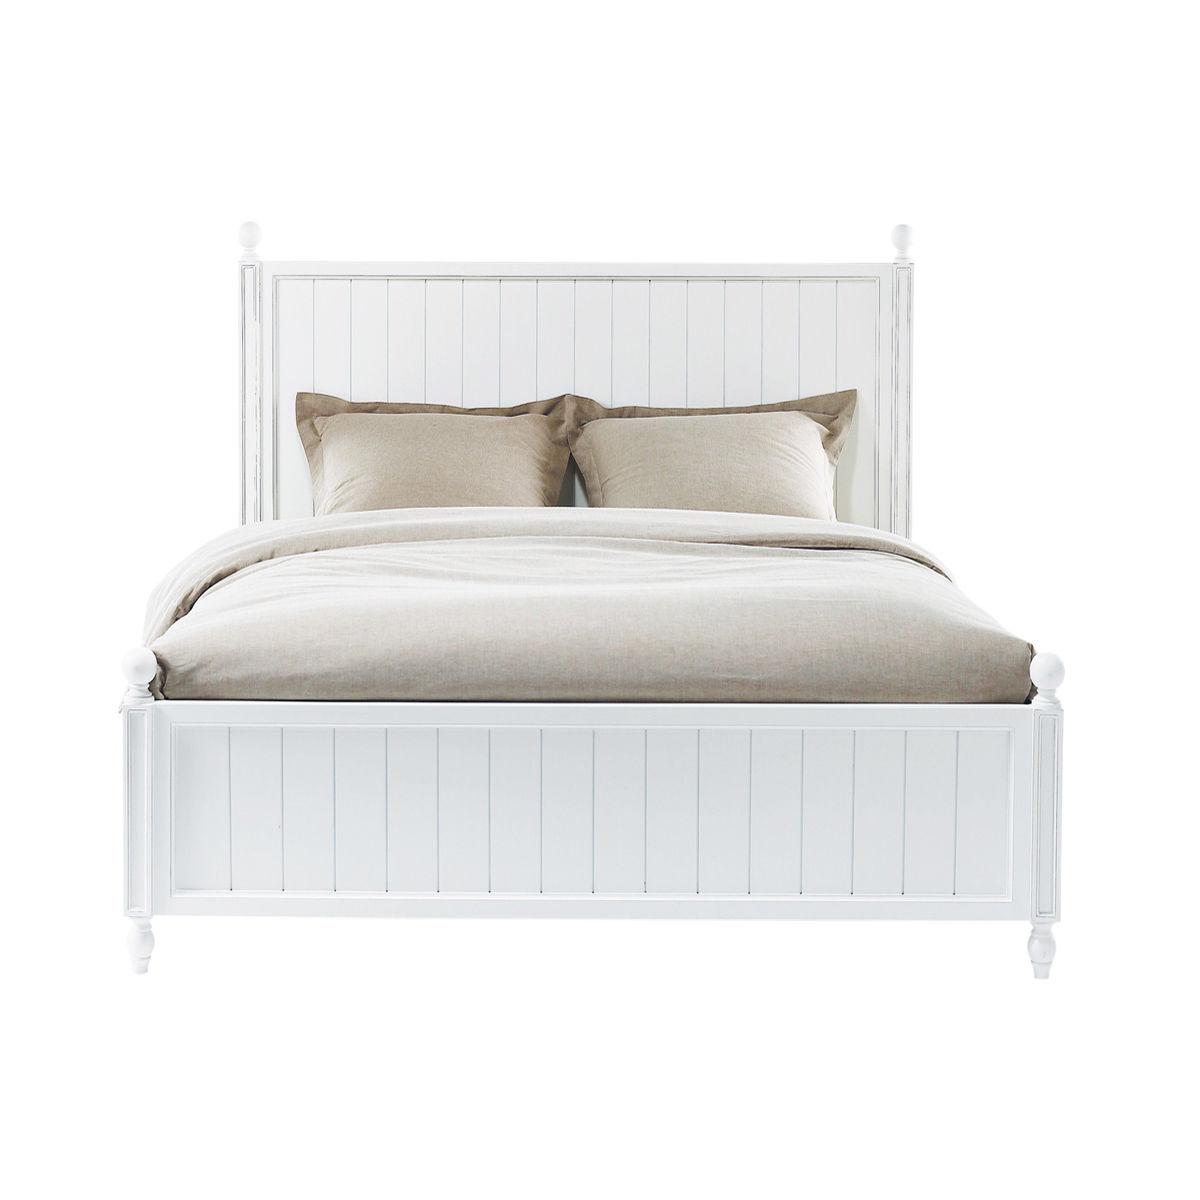 Letto bianco 140 x 190 in legno bianco Newport | Maisons du Monde